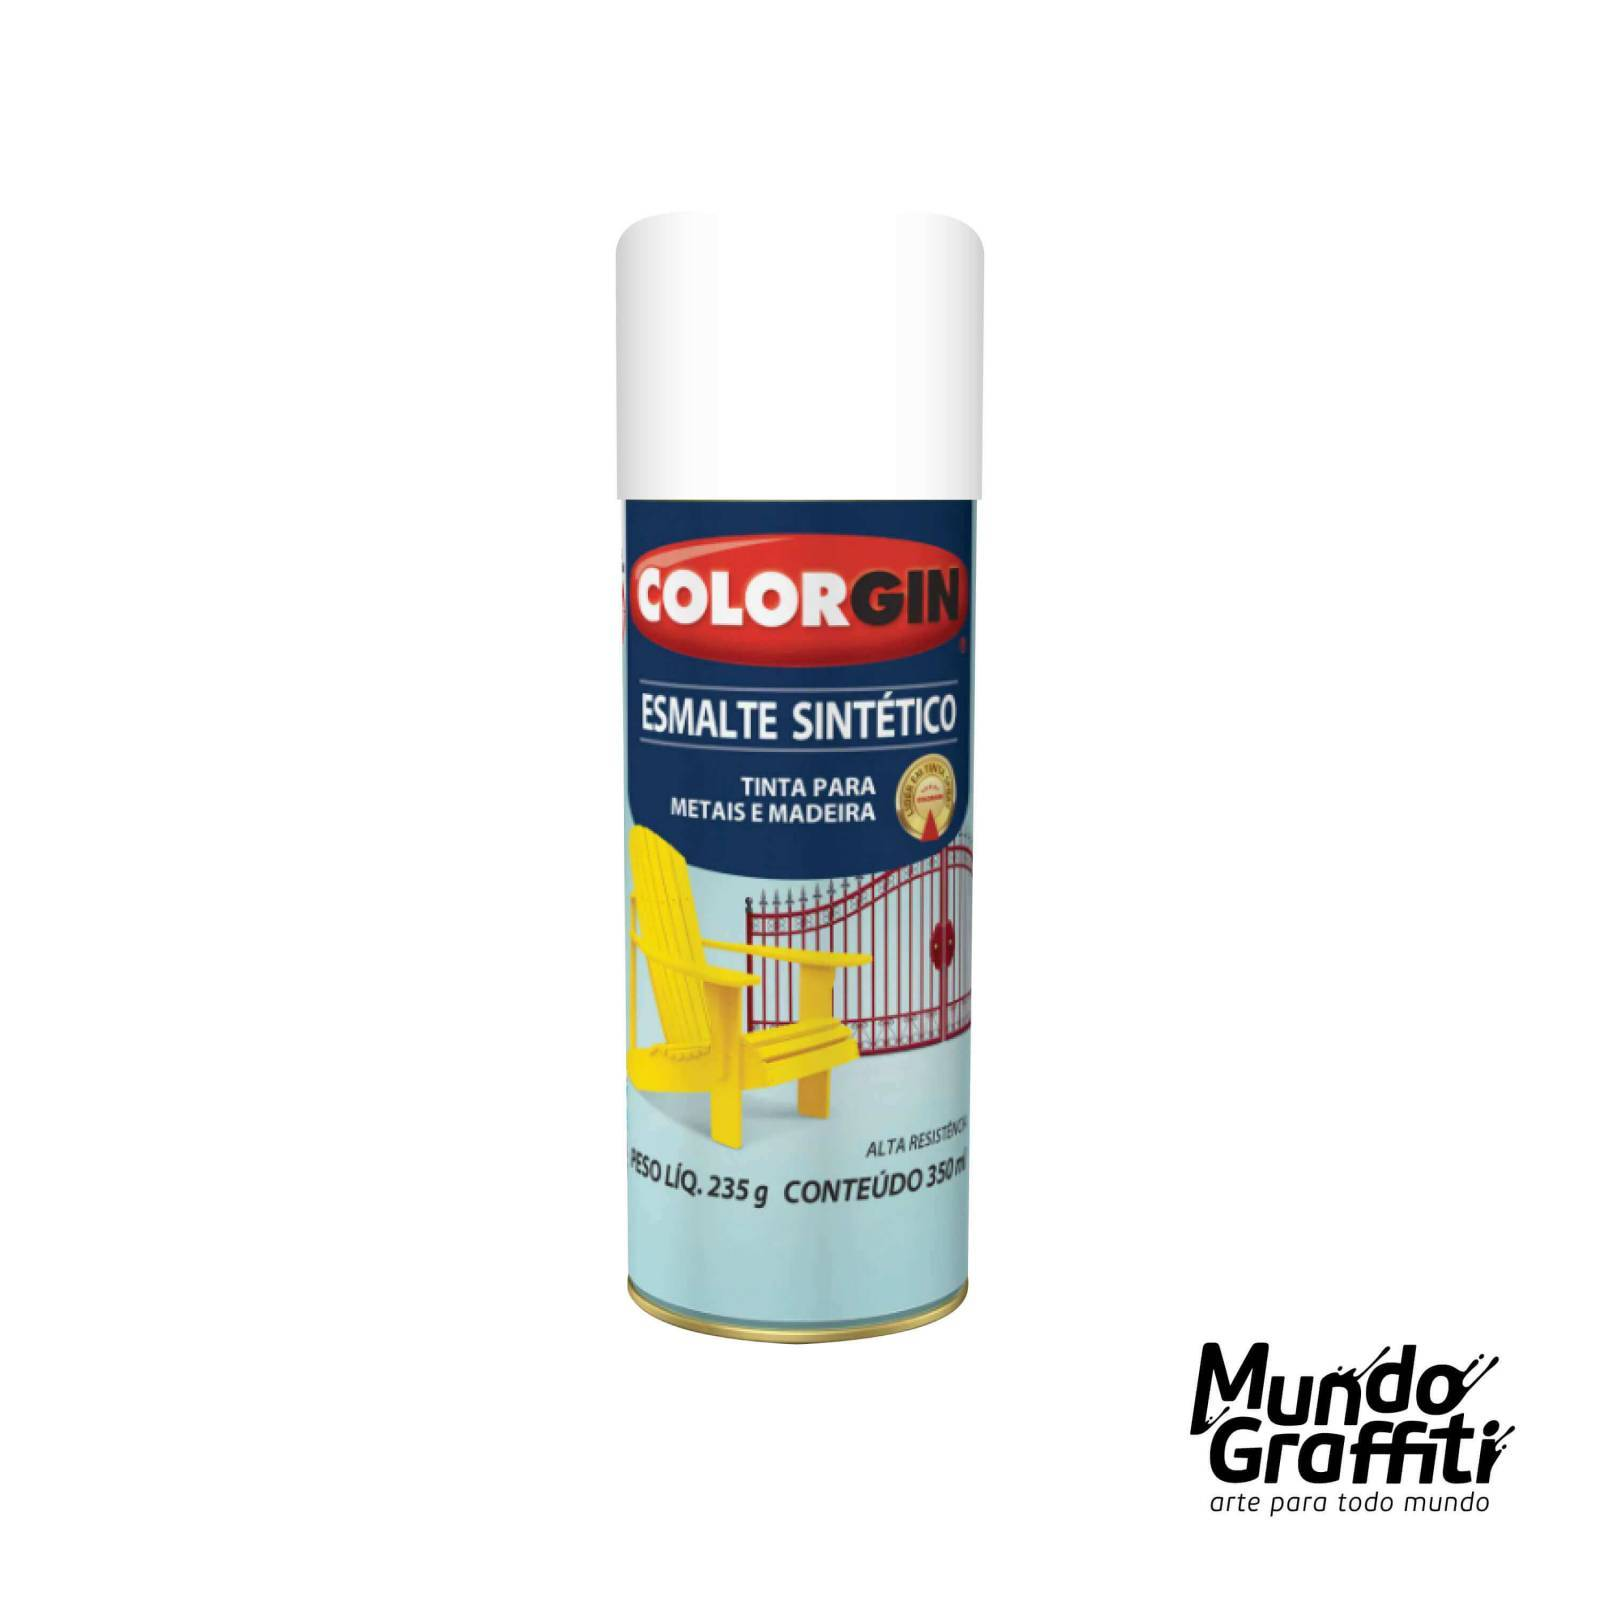 Esmalte Sintetico 745 Branco Brilhante 350ml Colorgin - Mundo Graffiti